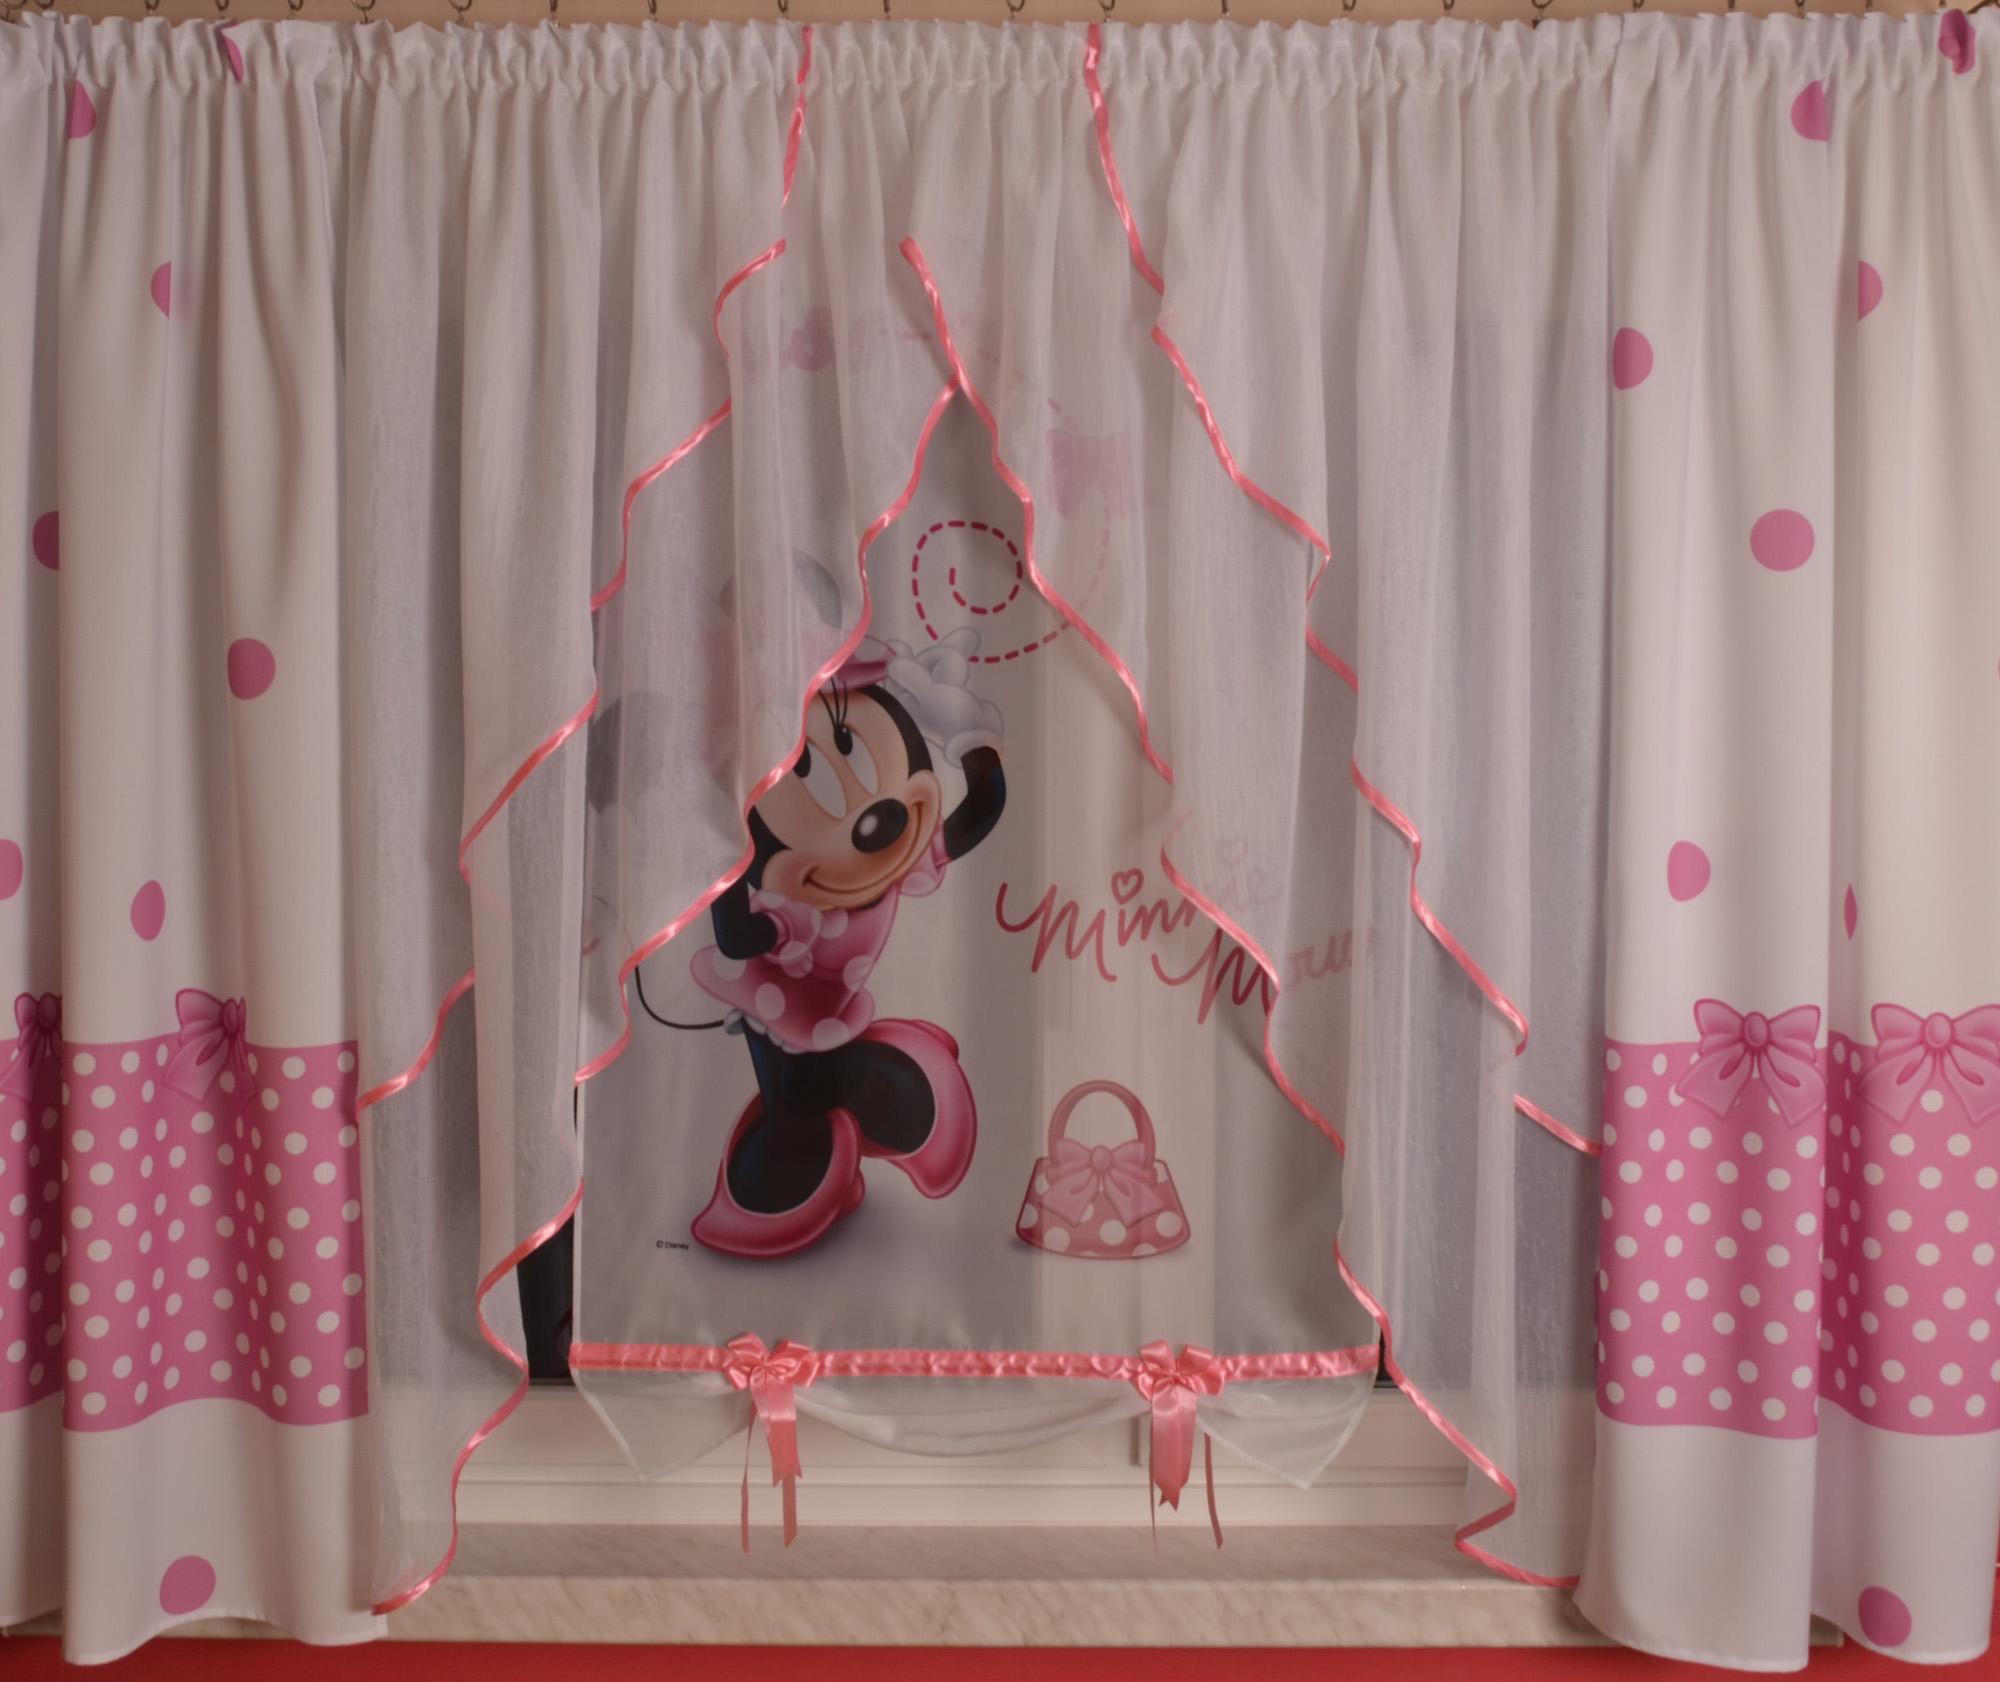 Full Size of Disney Minnie Mouse Gardine Kindergardine Kinderzimmer Baby Gardinen Küche Regal Regale Für Wohnzimmer Schlafzimmer Die Sofa Weiß Scheibengardinen Fenster Kinderzimmer Gardine Kinderzimmer